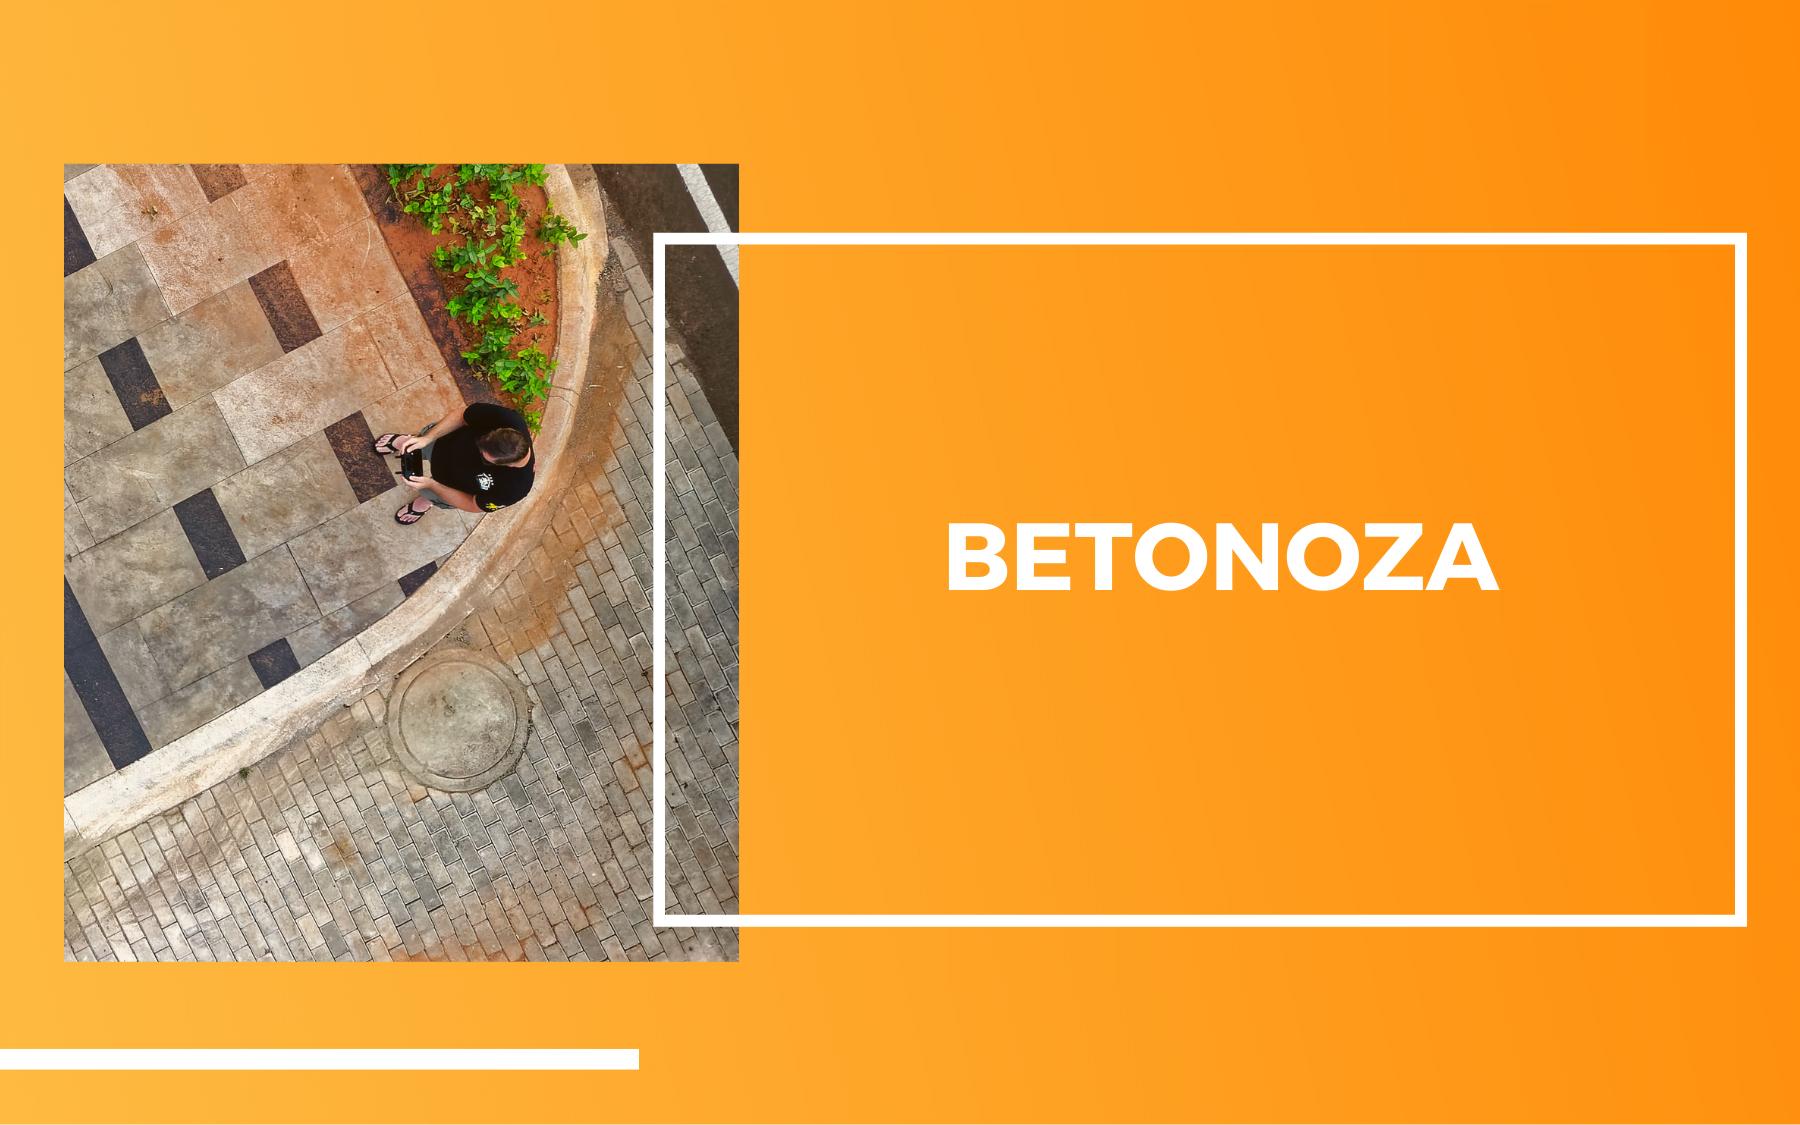 """Po lewej zdjęcie z lotu ptaka przedstawiające człowieka stojącego na betonowym chodniku. Po prawej na pomarańczowym tle biały napis """"Betonoza""""."""